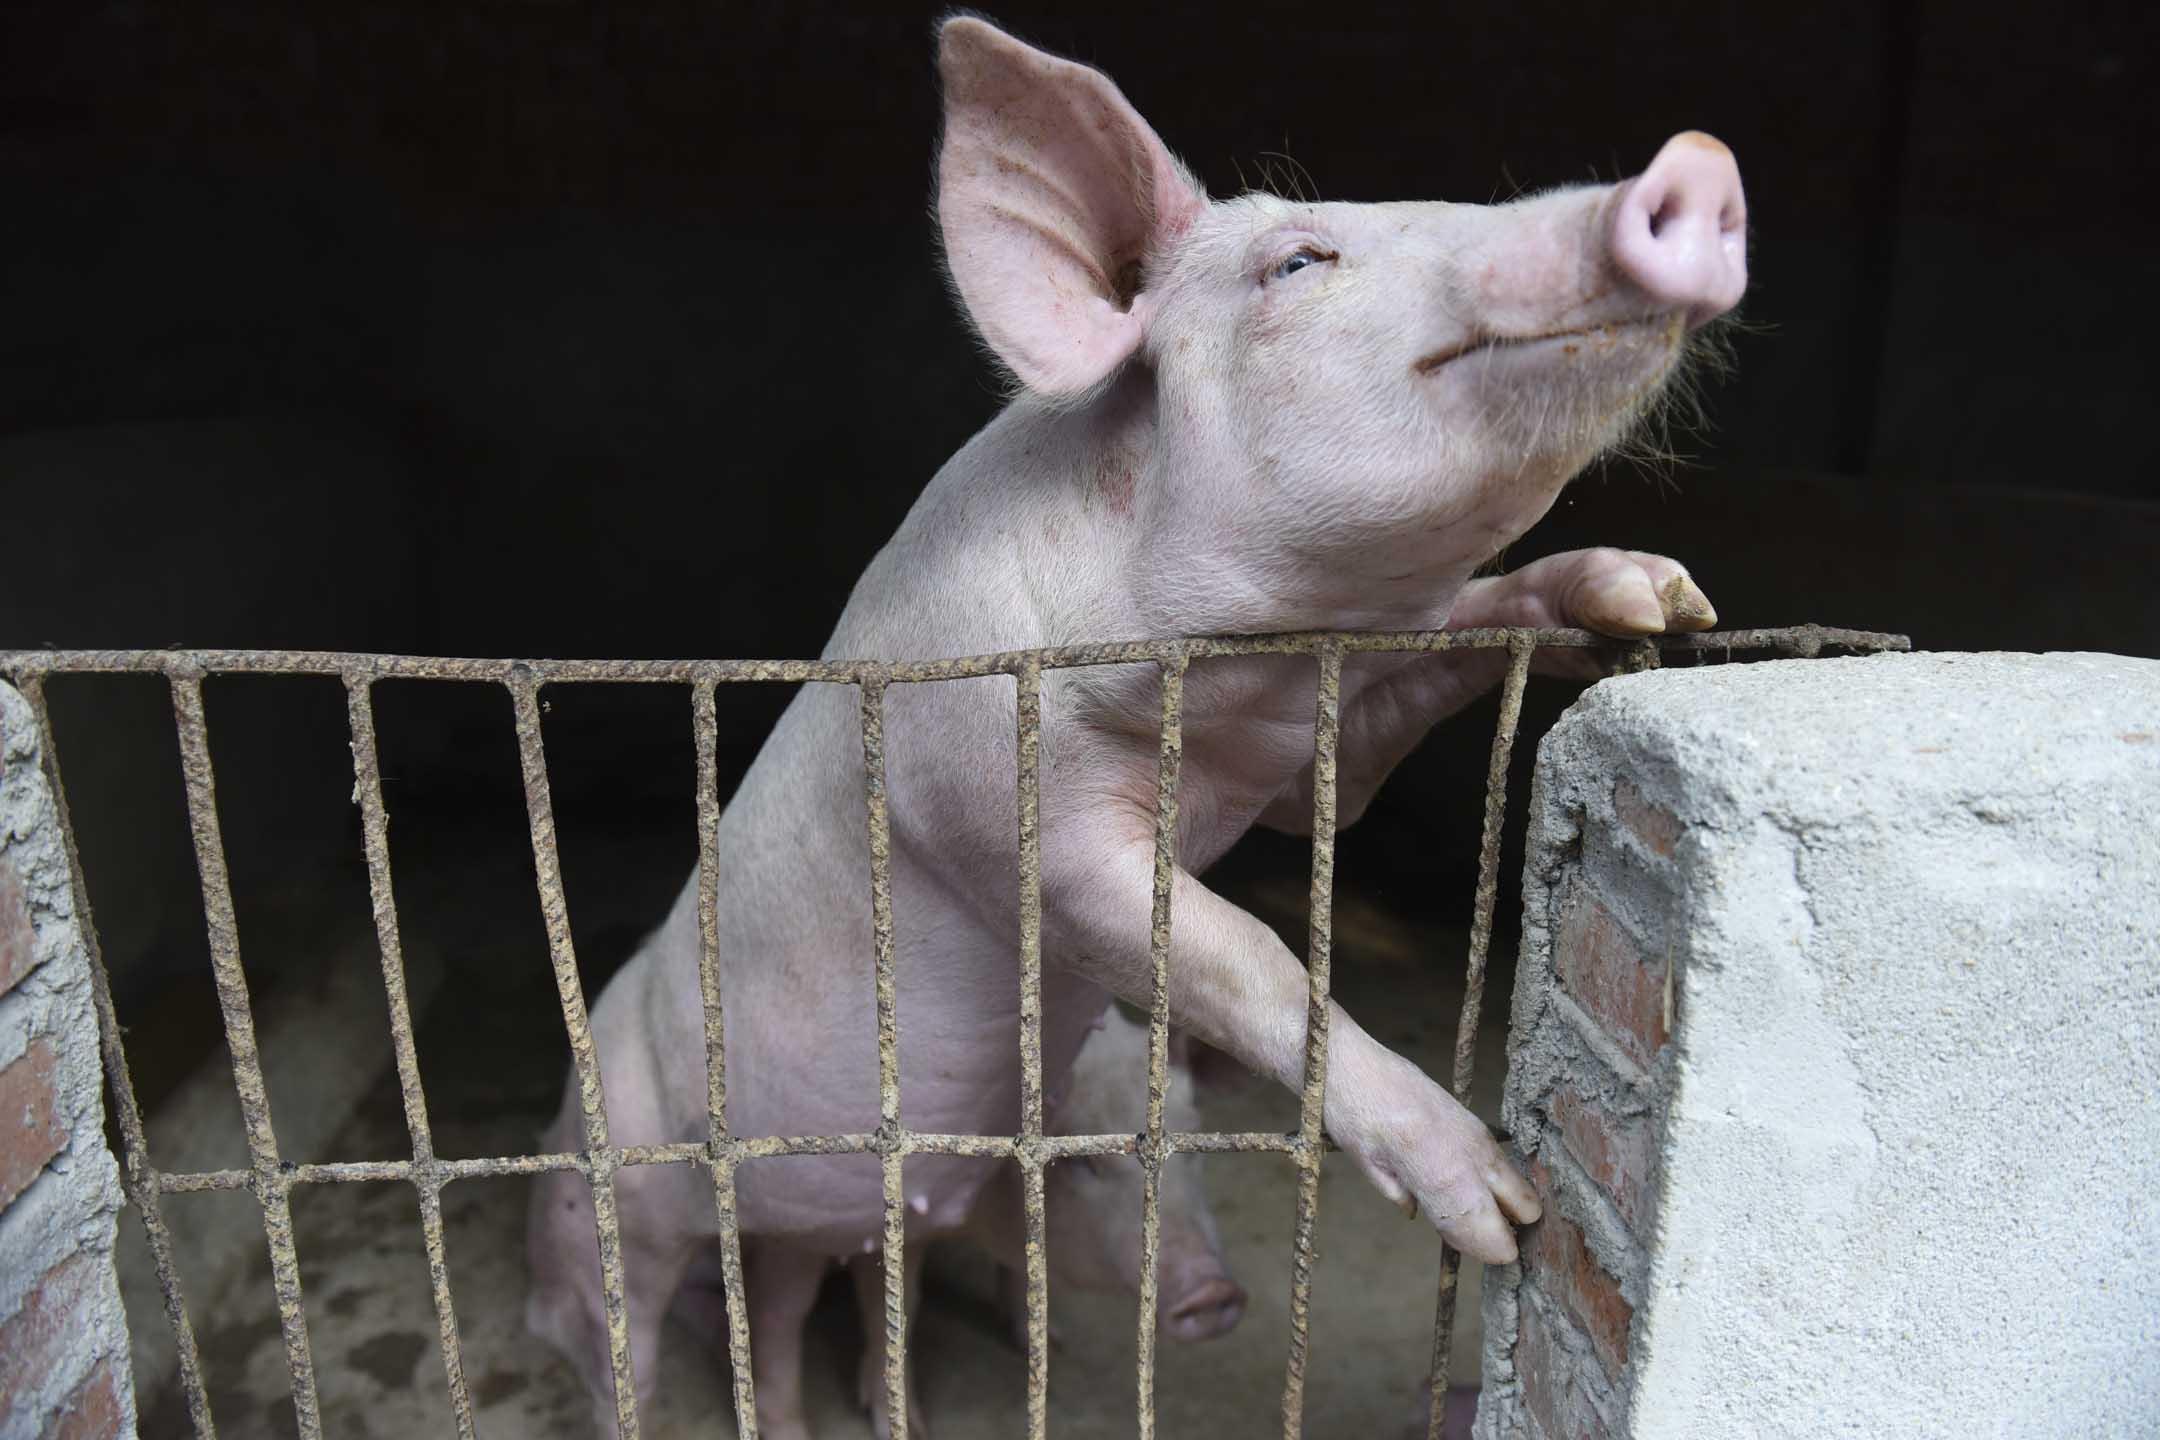 依照2018年末中國生豬存欄4.2億頭的官方數據來算,2019年年中,全國養殖場裏累計少了一億頭生豬。  攝:An Ming / Barcroft Media via Getty Images